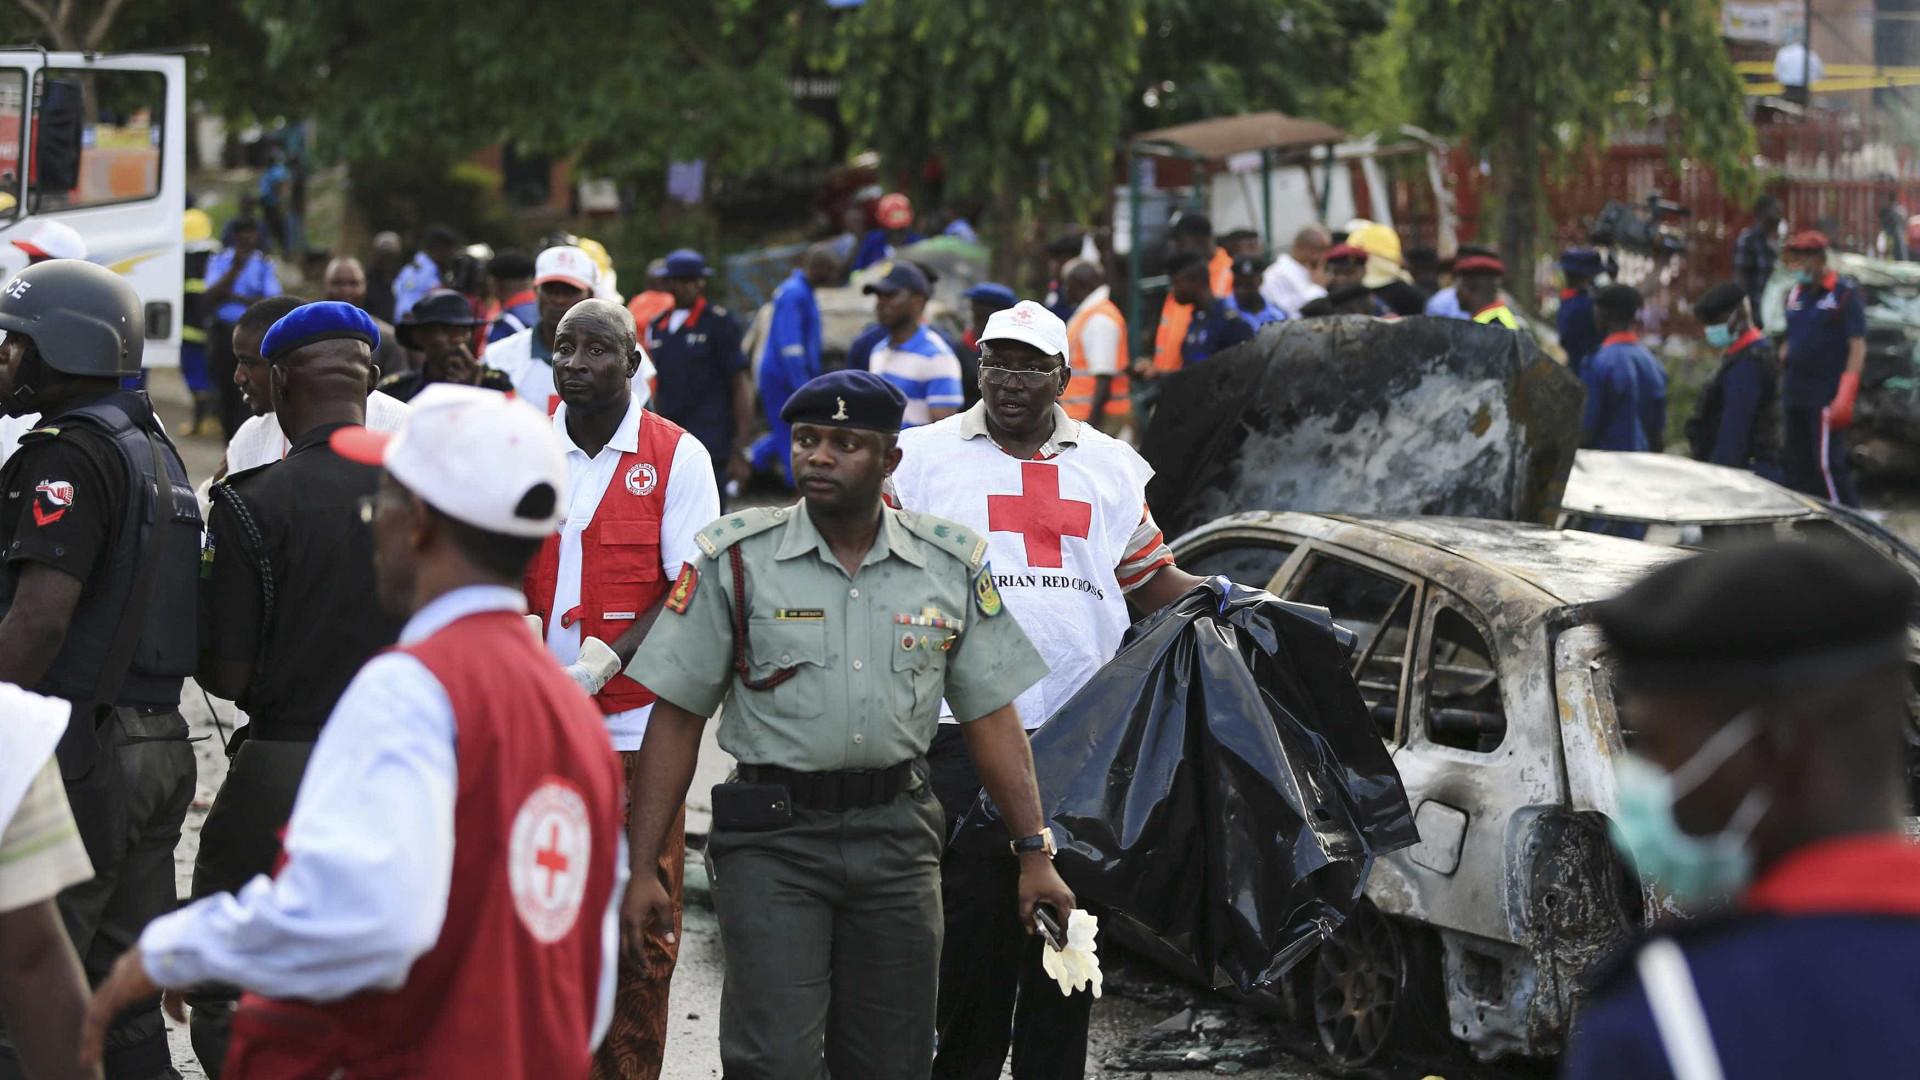 Ataque na Nigéria causa pelo menos 22 mortes e deixa 28 feridos